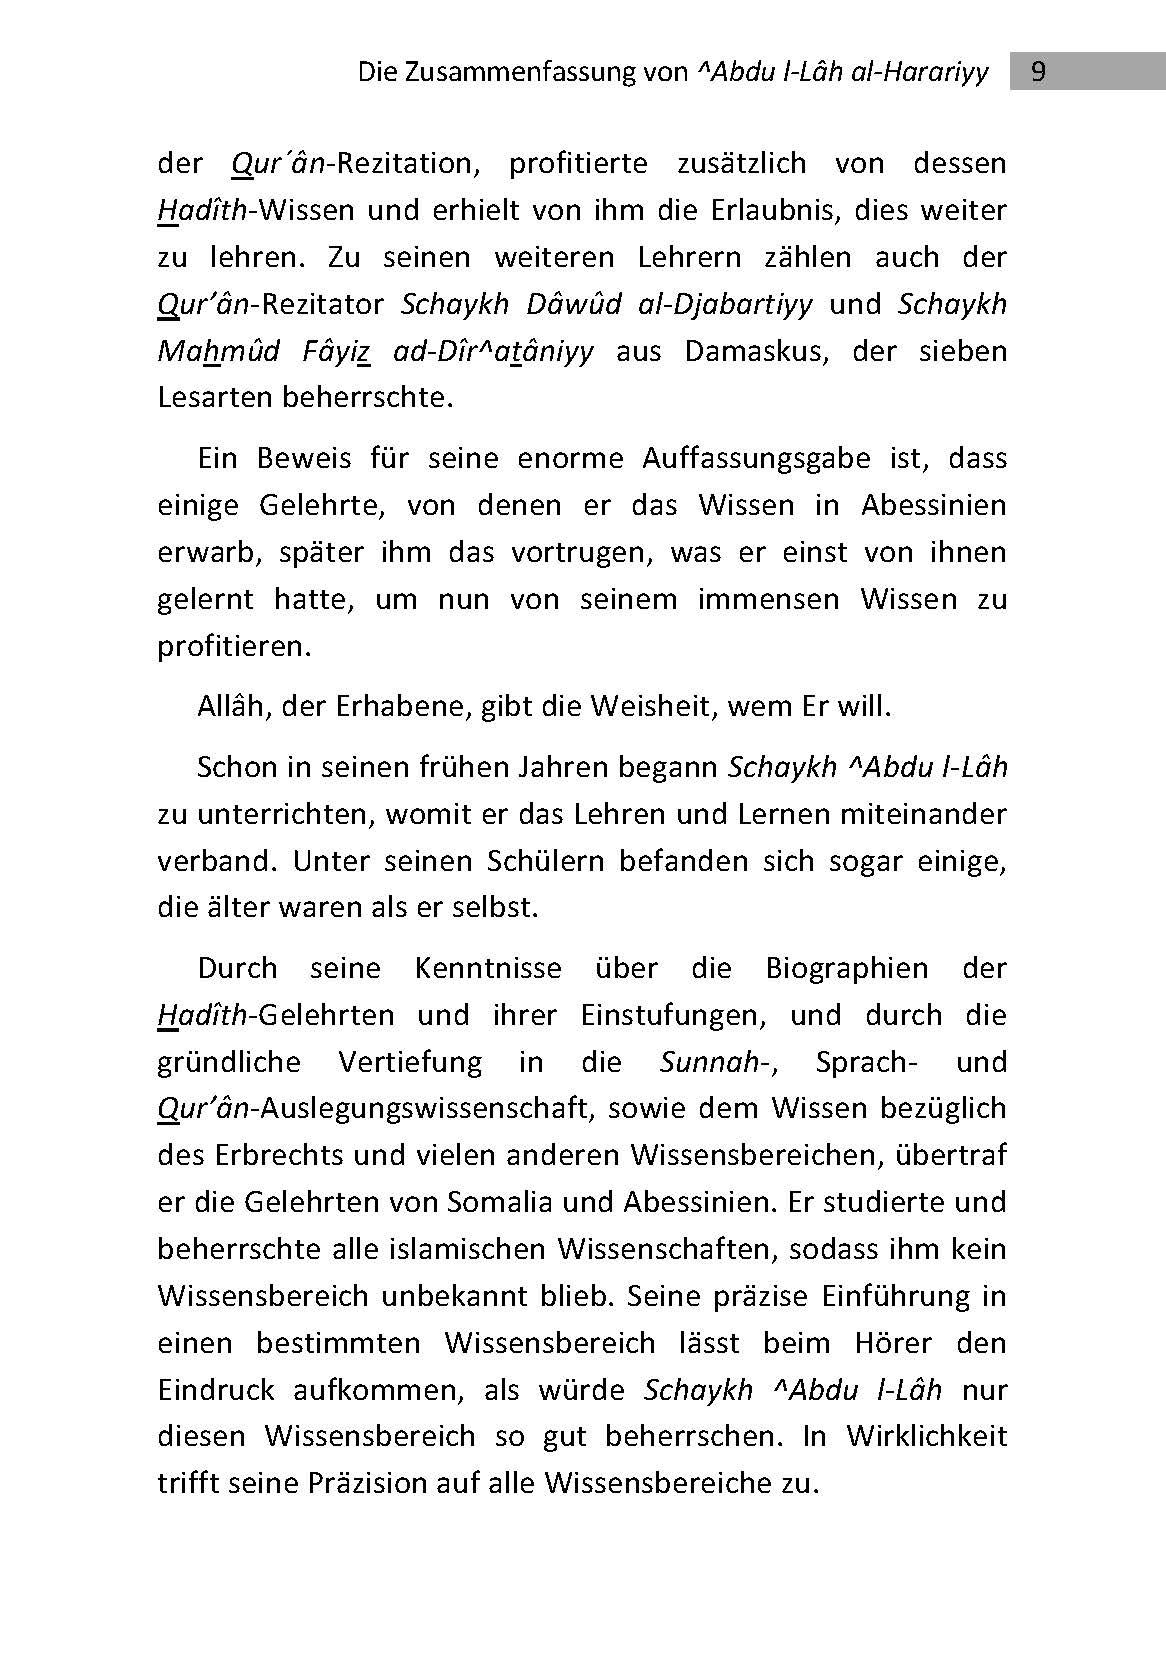 Die Zusammenfassung - 3. Auflage 2014_Seite_09